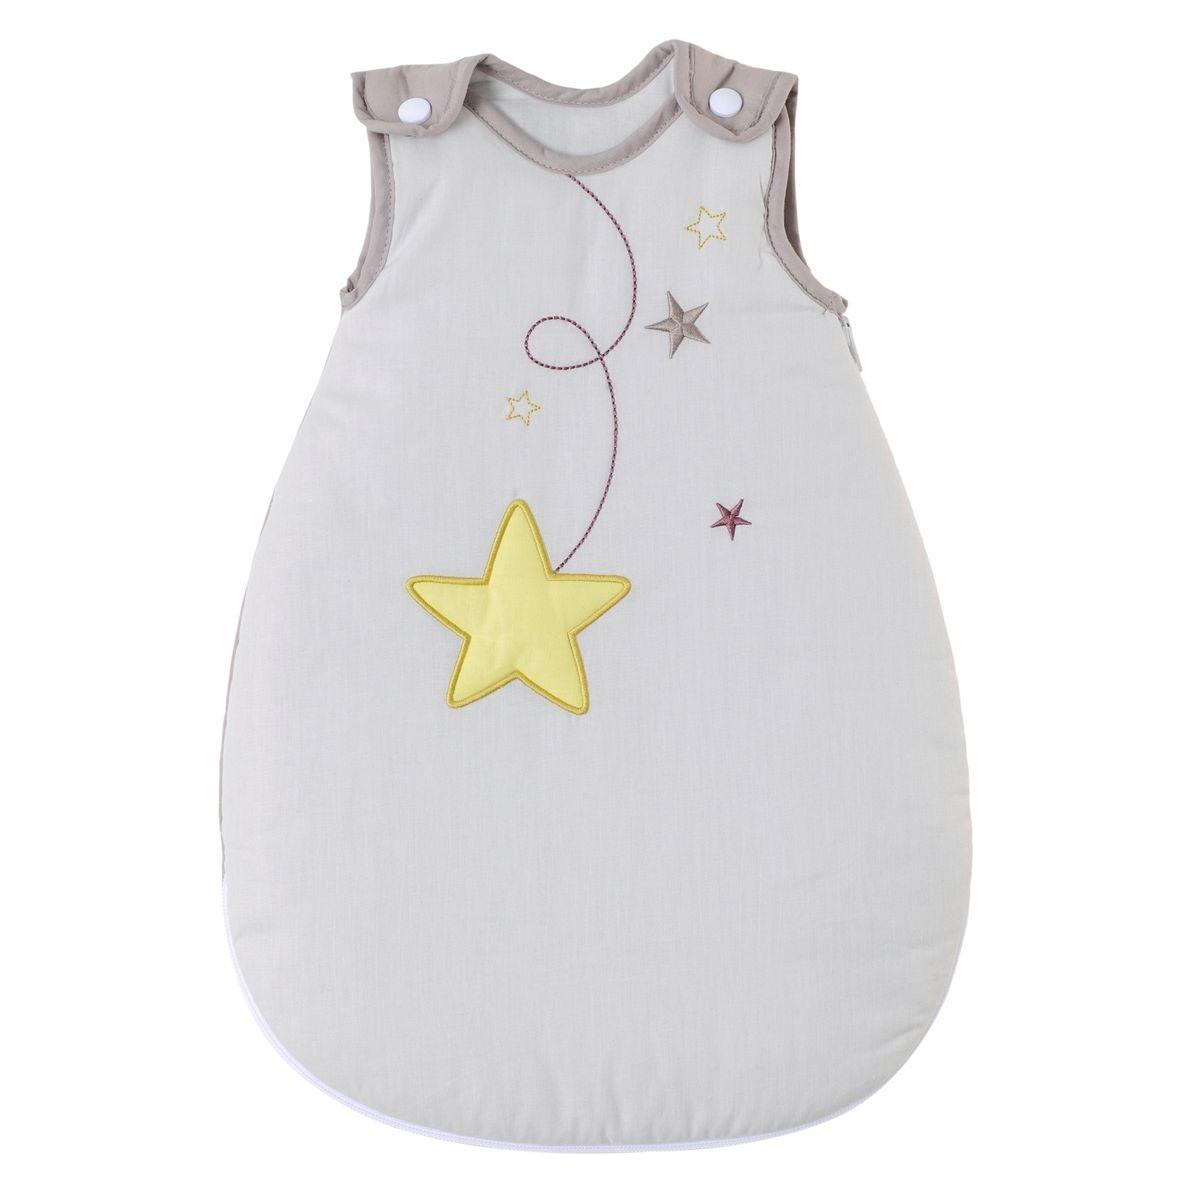 Gigoteuse nourrisson prématuré Baby Fox pluie d'étoiles 0-1 mois